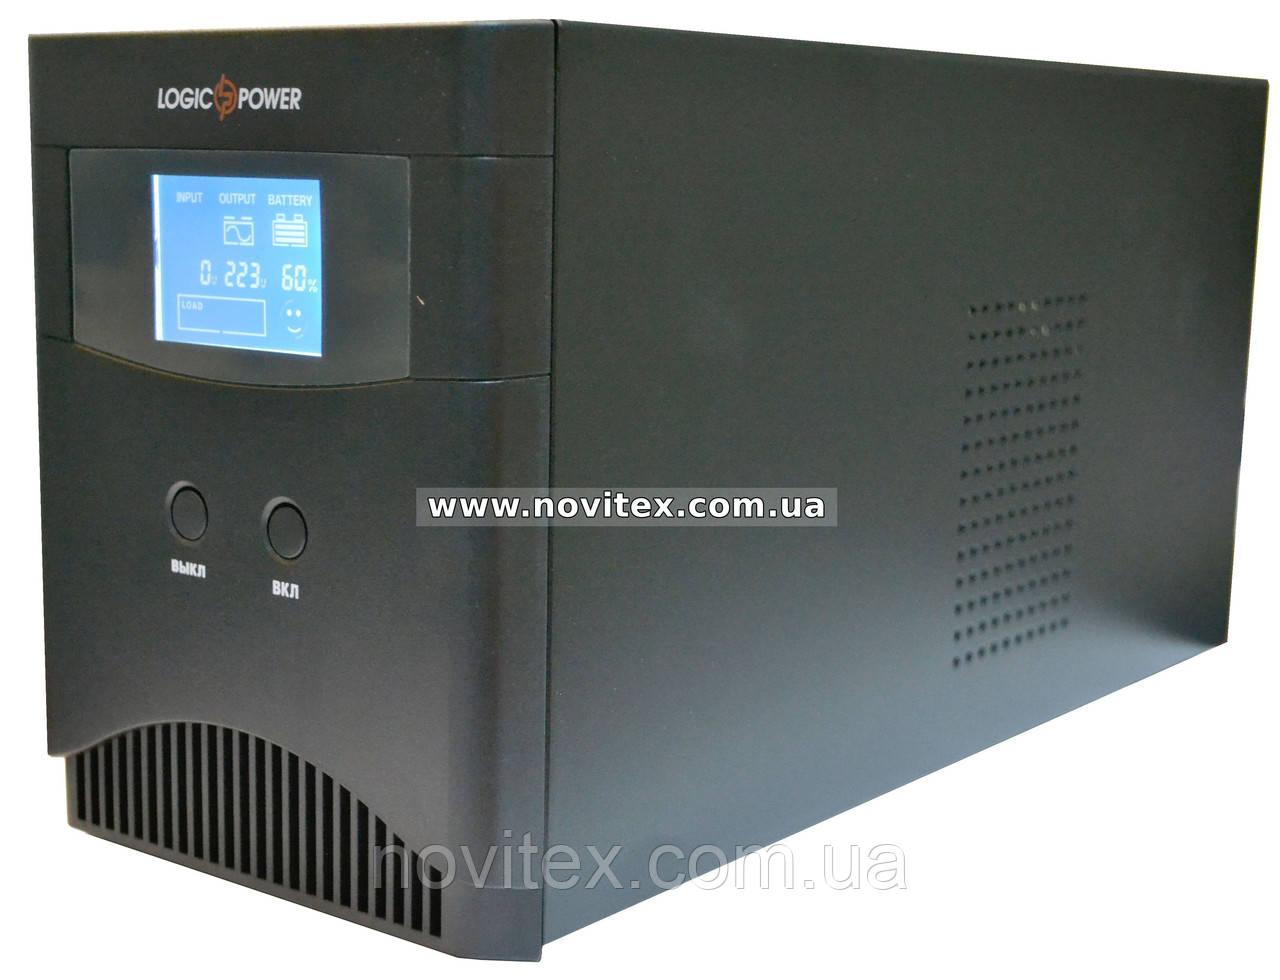 ИБП Logicpower LPM-PSW-500 (350Вт)